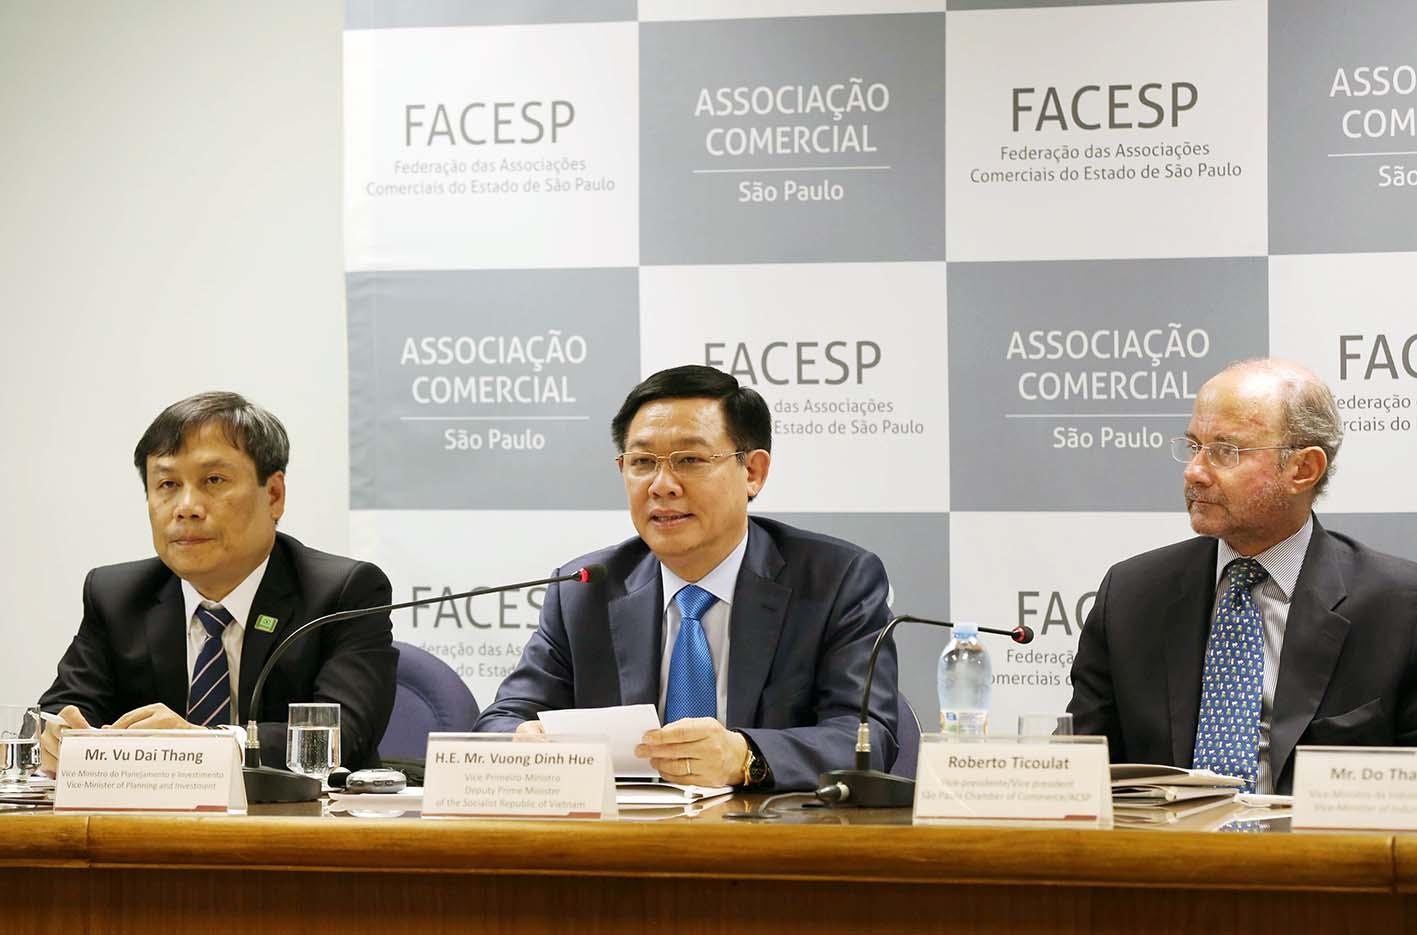 Phó Thủ tướng Vương Đình Huệ kêu gọi đầu tư thương mại tại trung tâm tài chính Nam Mỹ